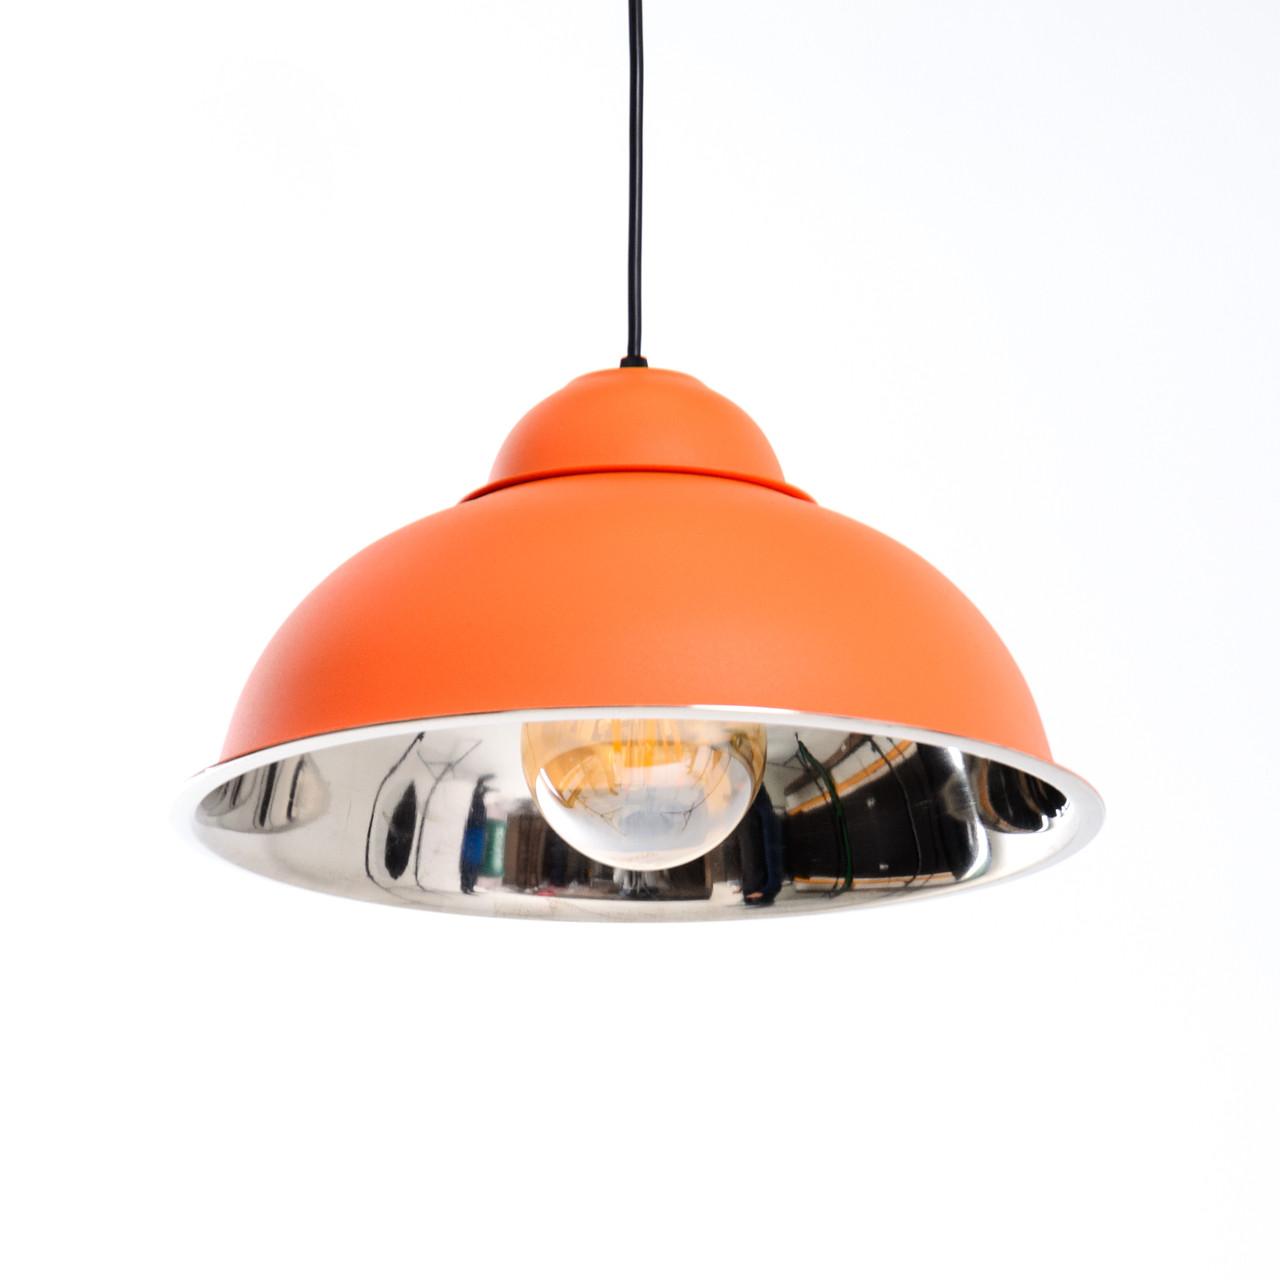 Люстра потолочная Atmolight Bell P360 Оранжевый (1377)